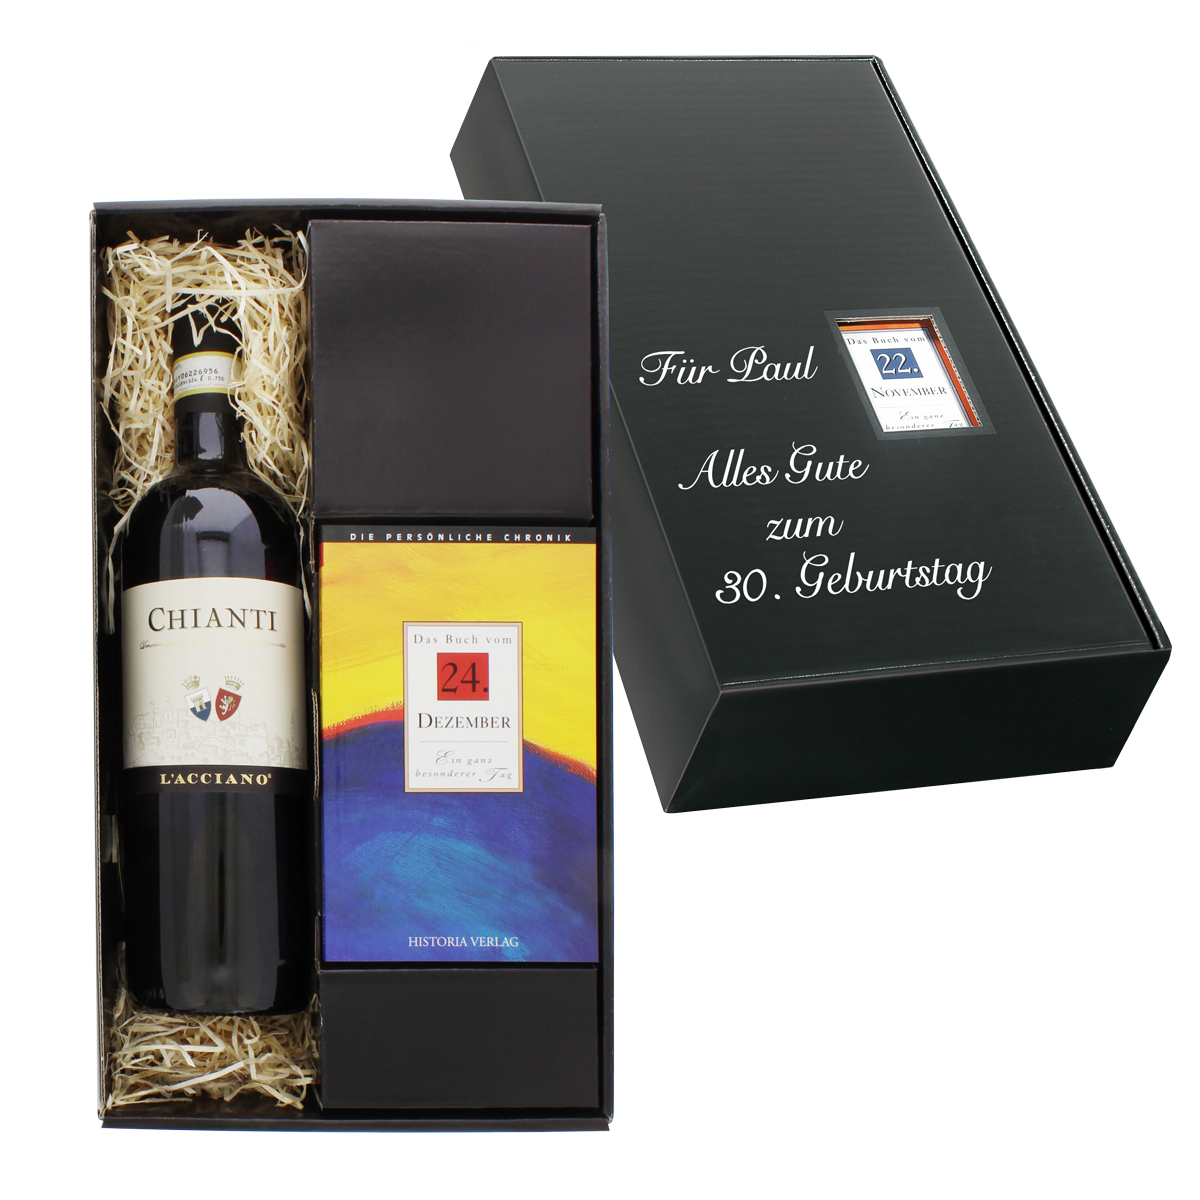 Italien-Set: Tageschronik vom 14. Februar & Chianti-Wein